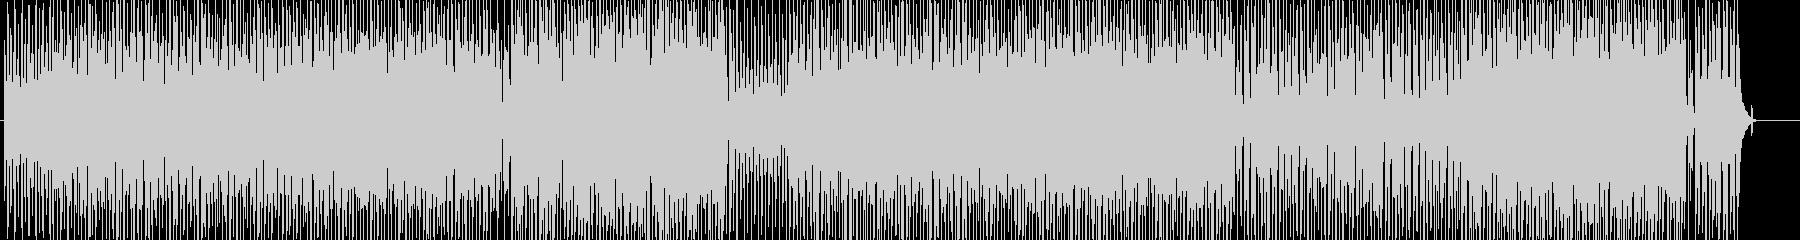 アコースティックな明るいウクレレと口笛の未再生の波形